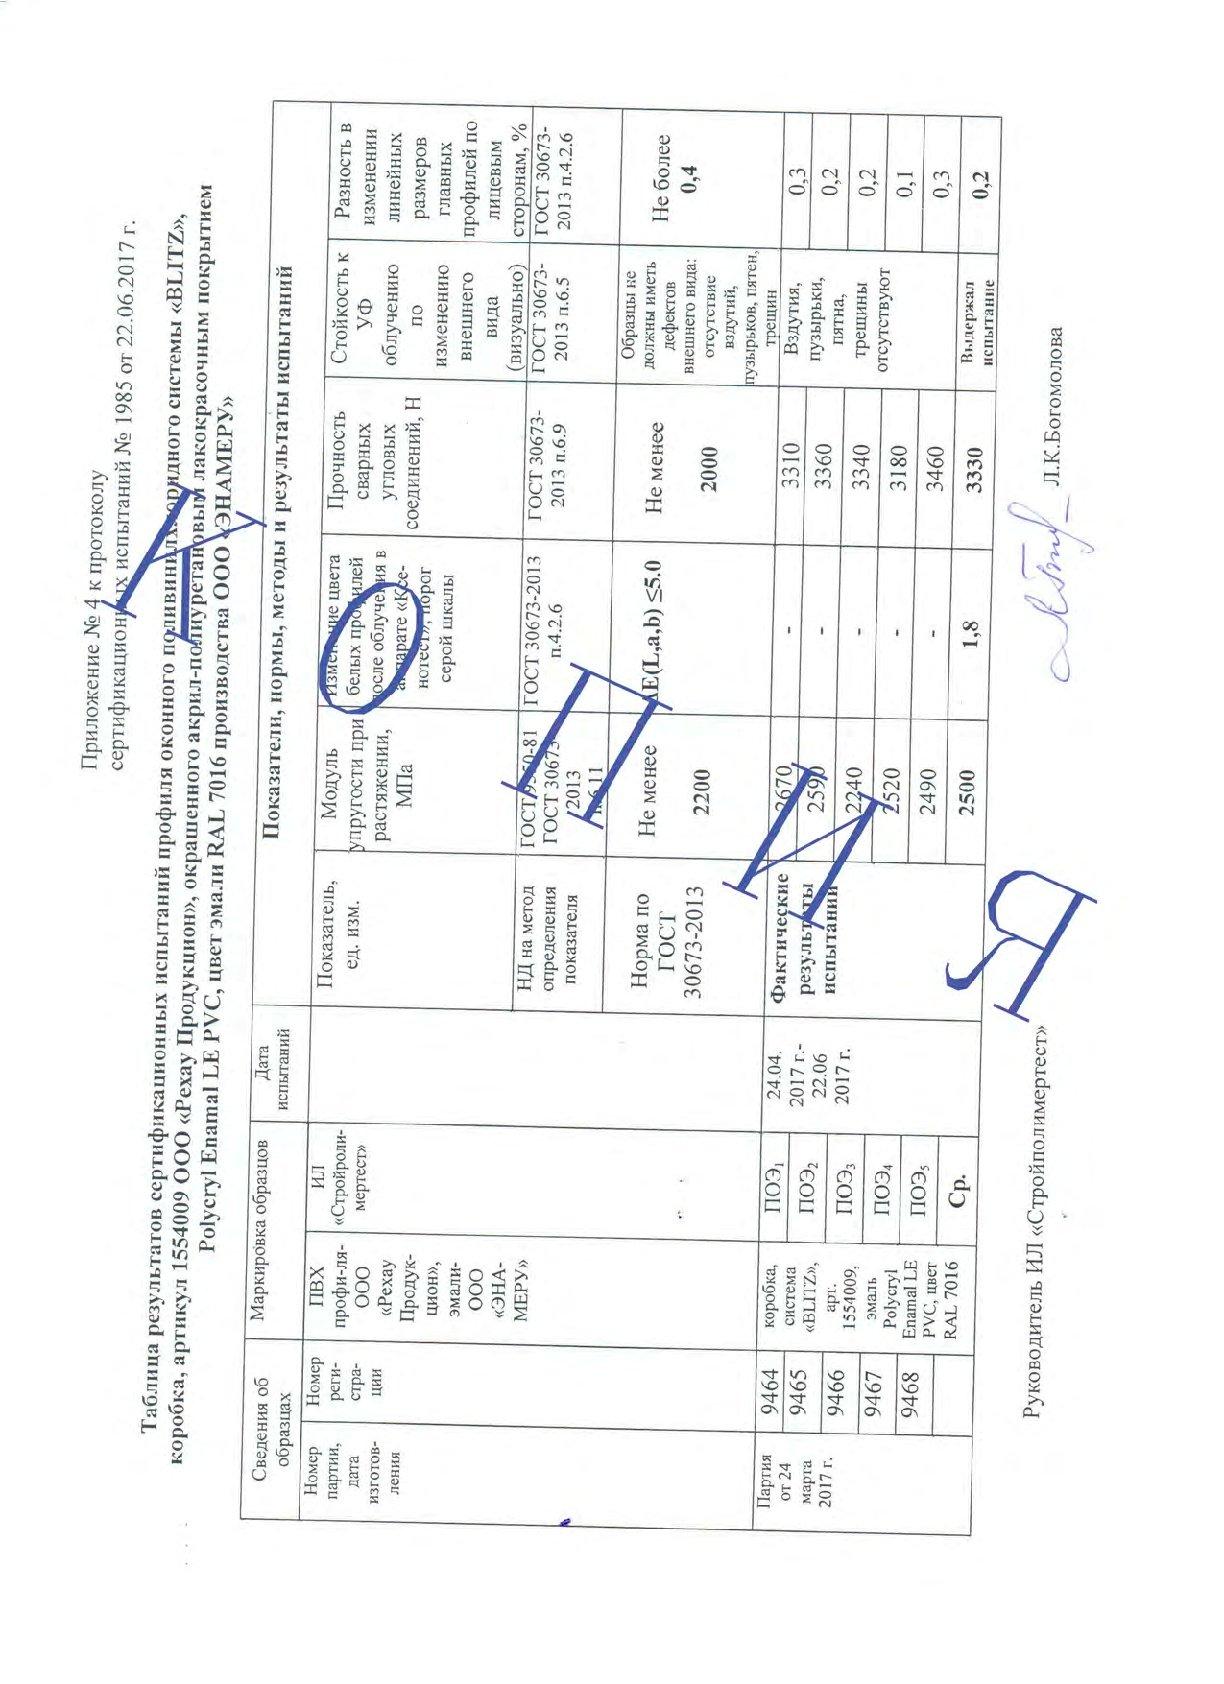 enameru-gost-30973-rehau-copy-008